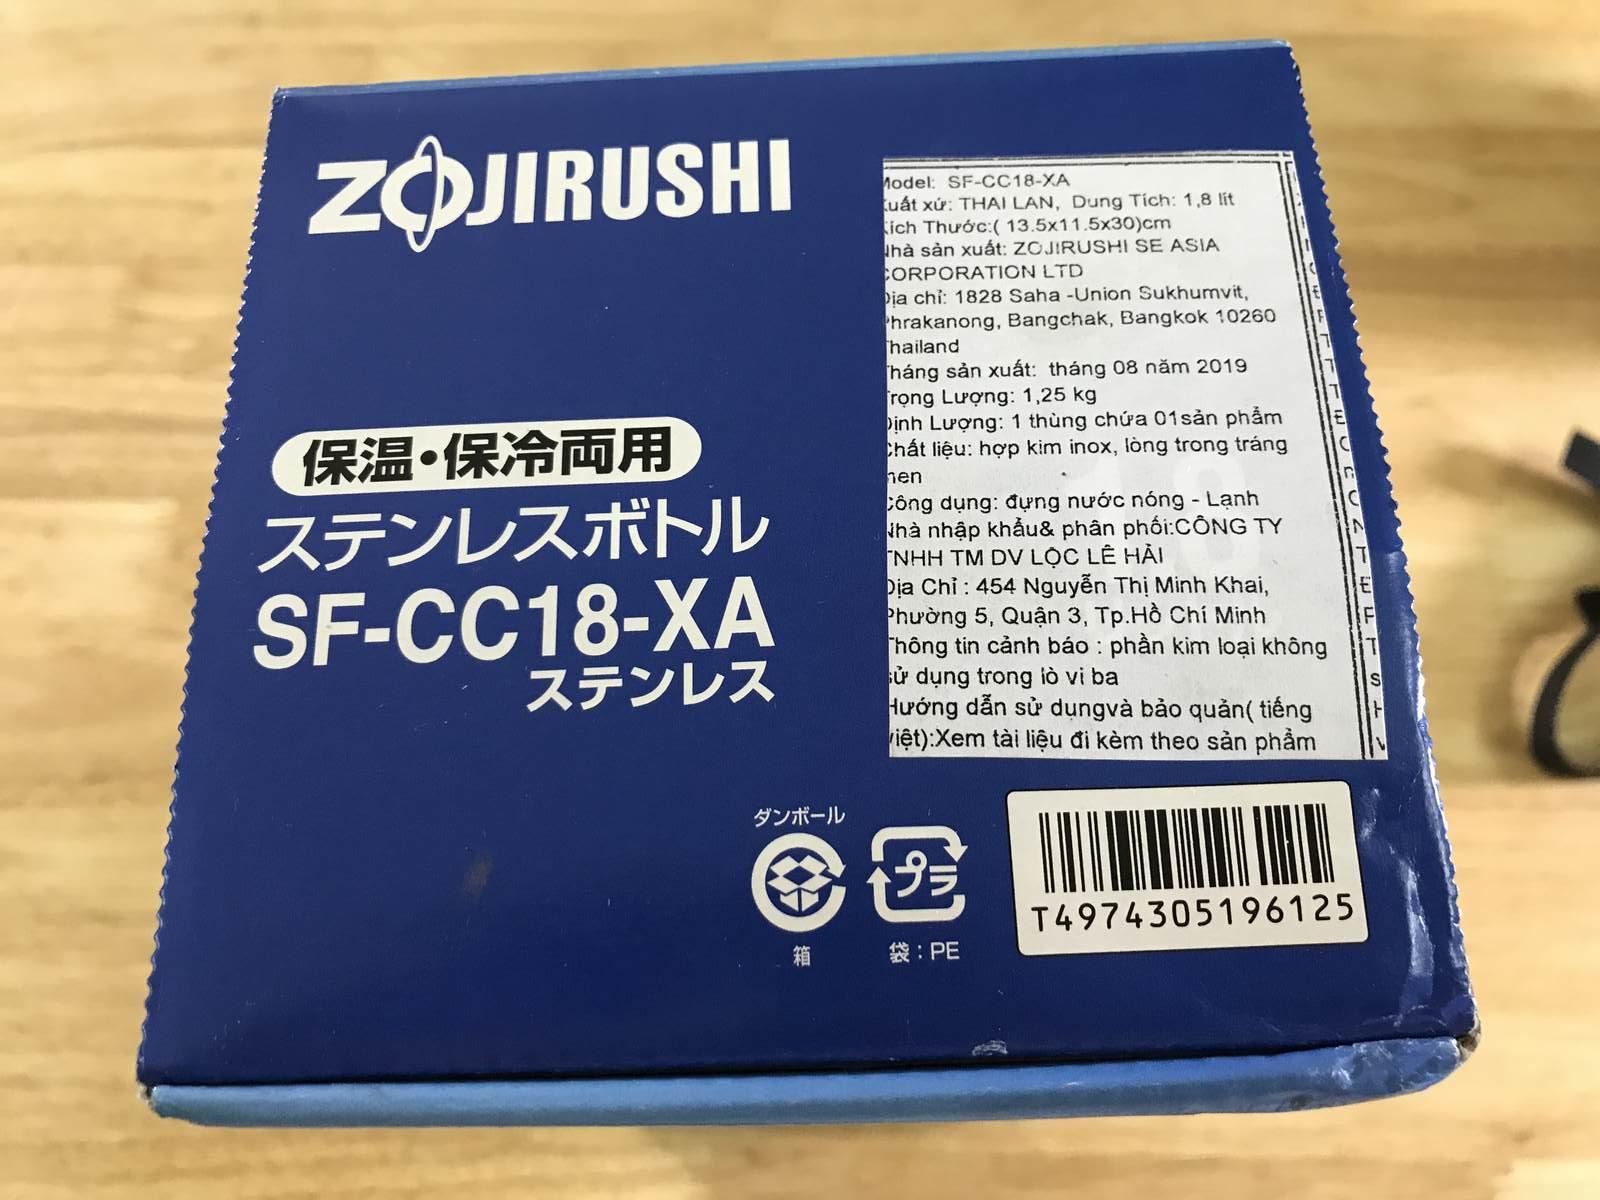 Trên tay bình giữ nhiệt cao cấp Nhật Bản chính hãng Zojirushi